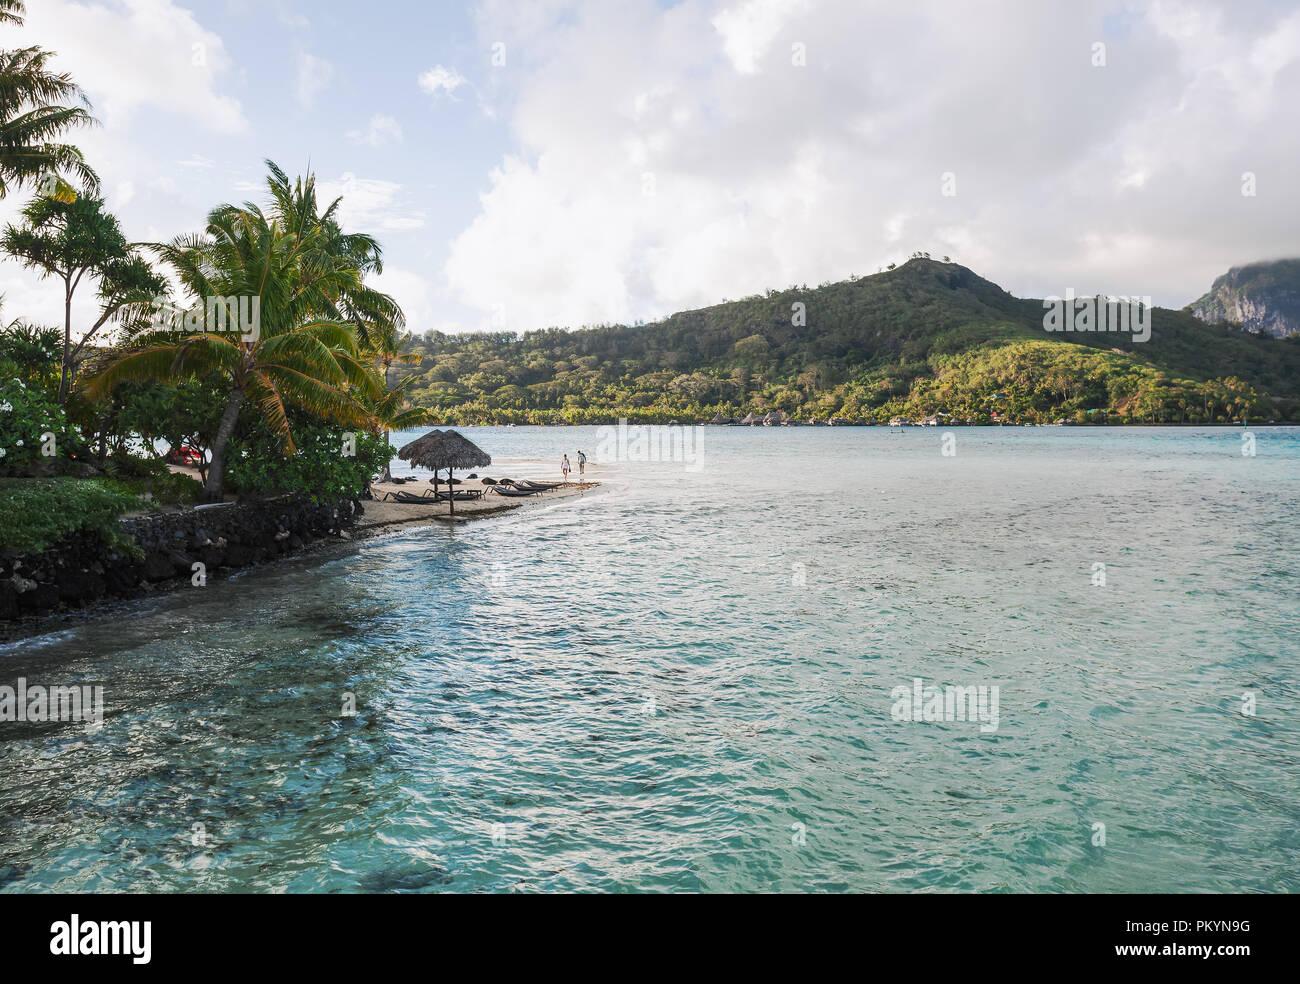 Holiday scene from Bora Bora, French Polynesia - Stock Image